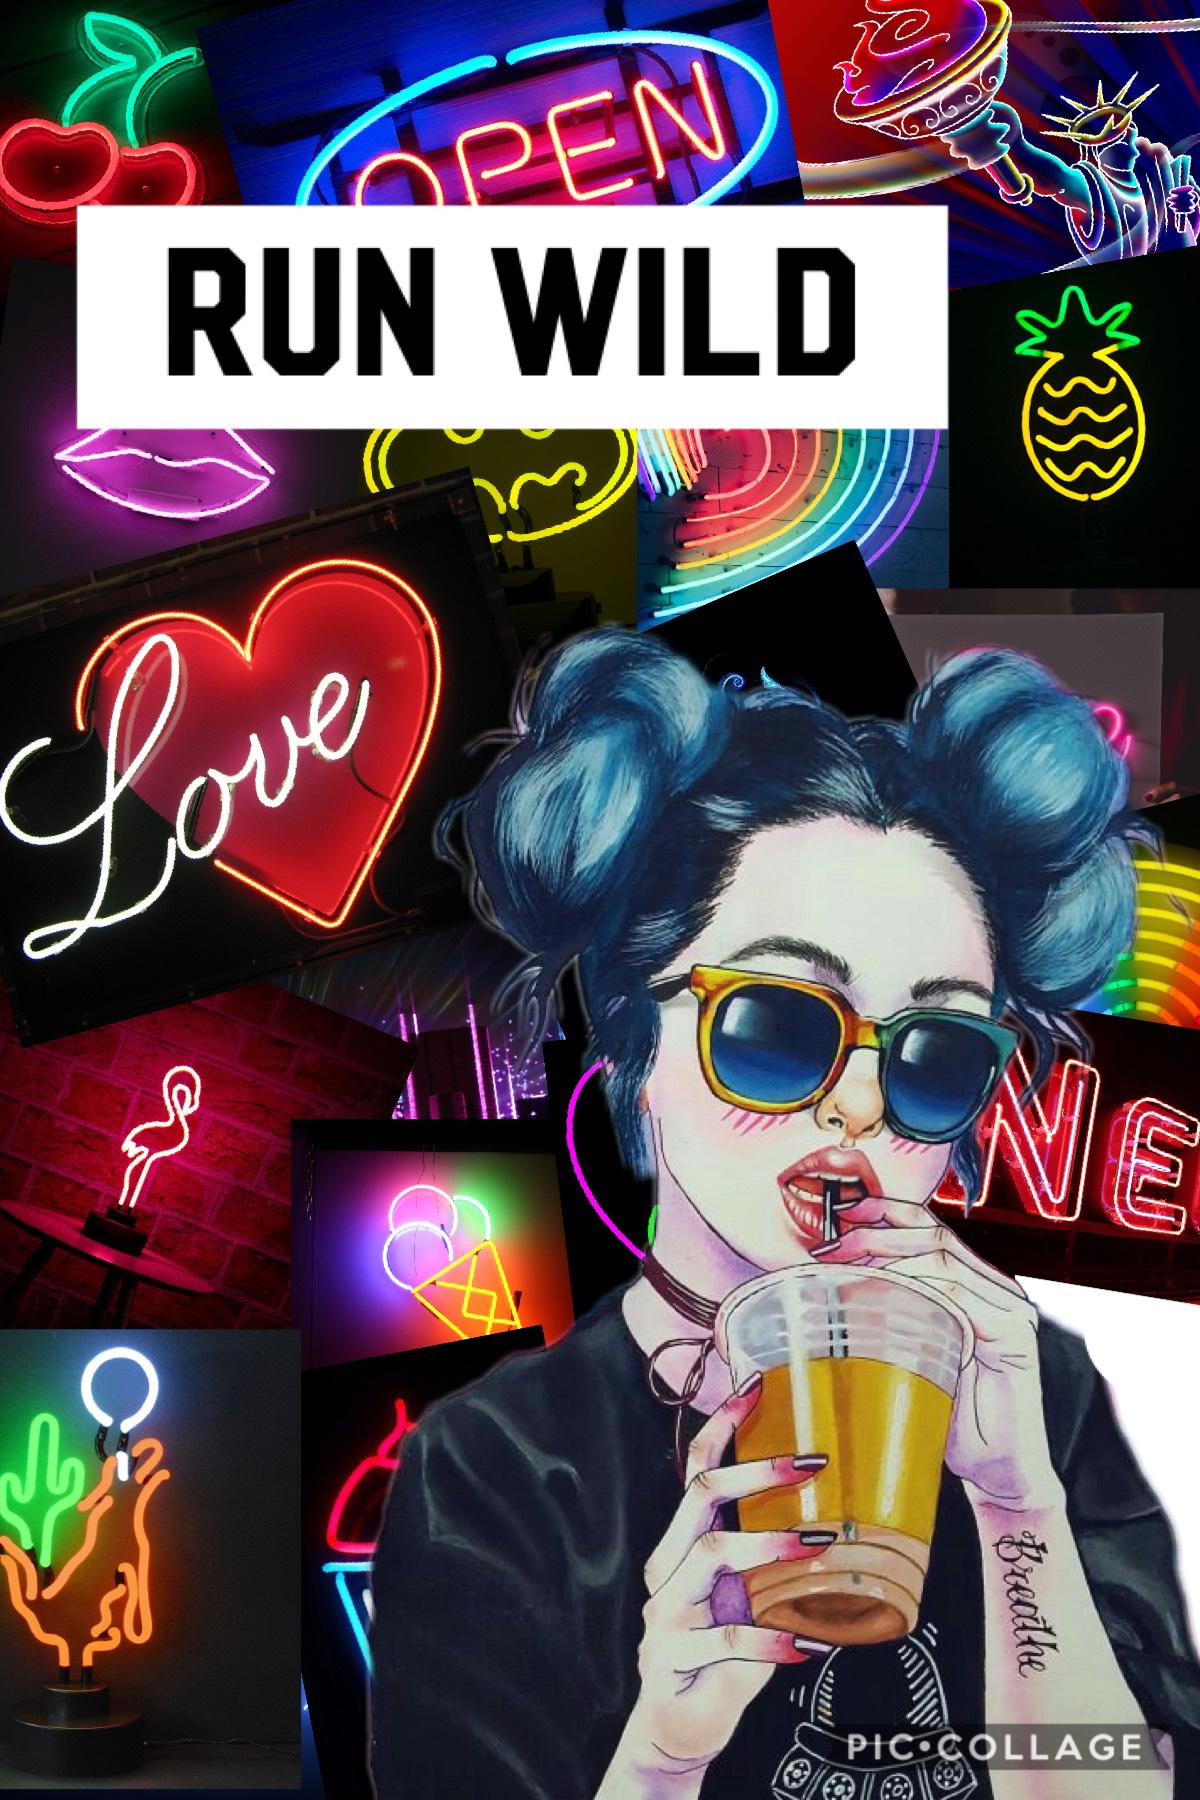 Run wild 😝